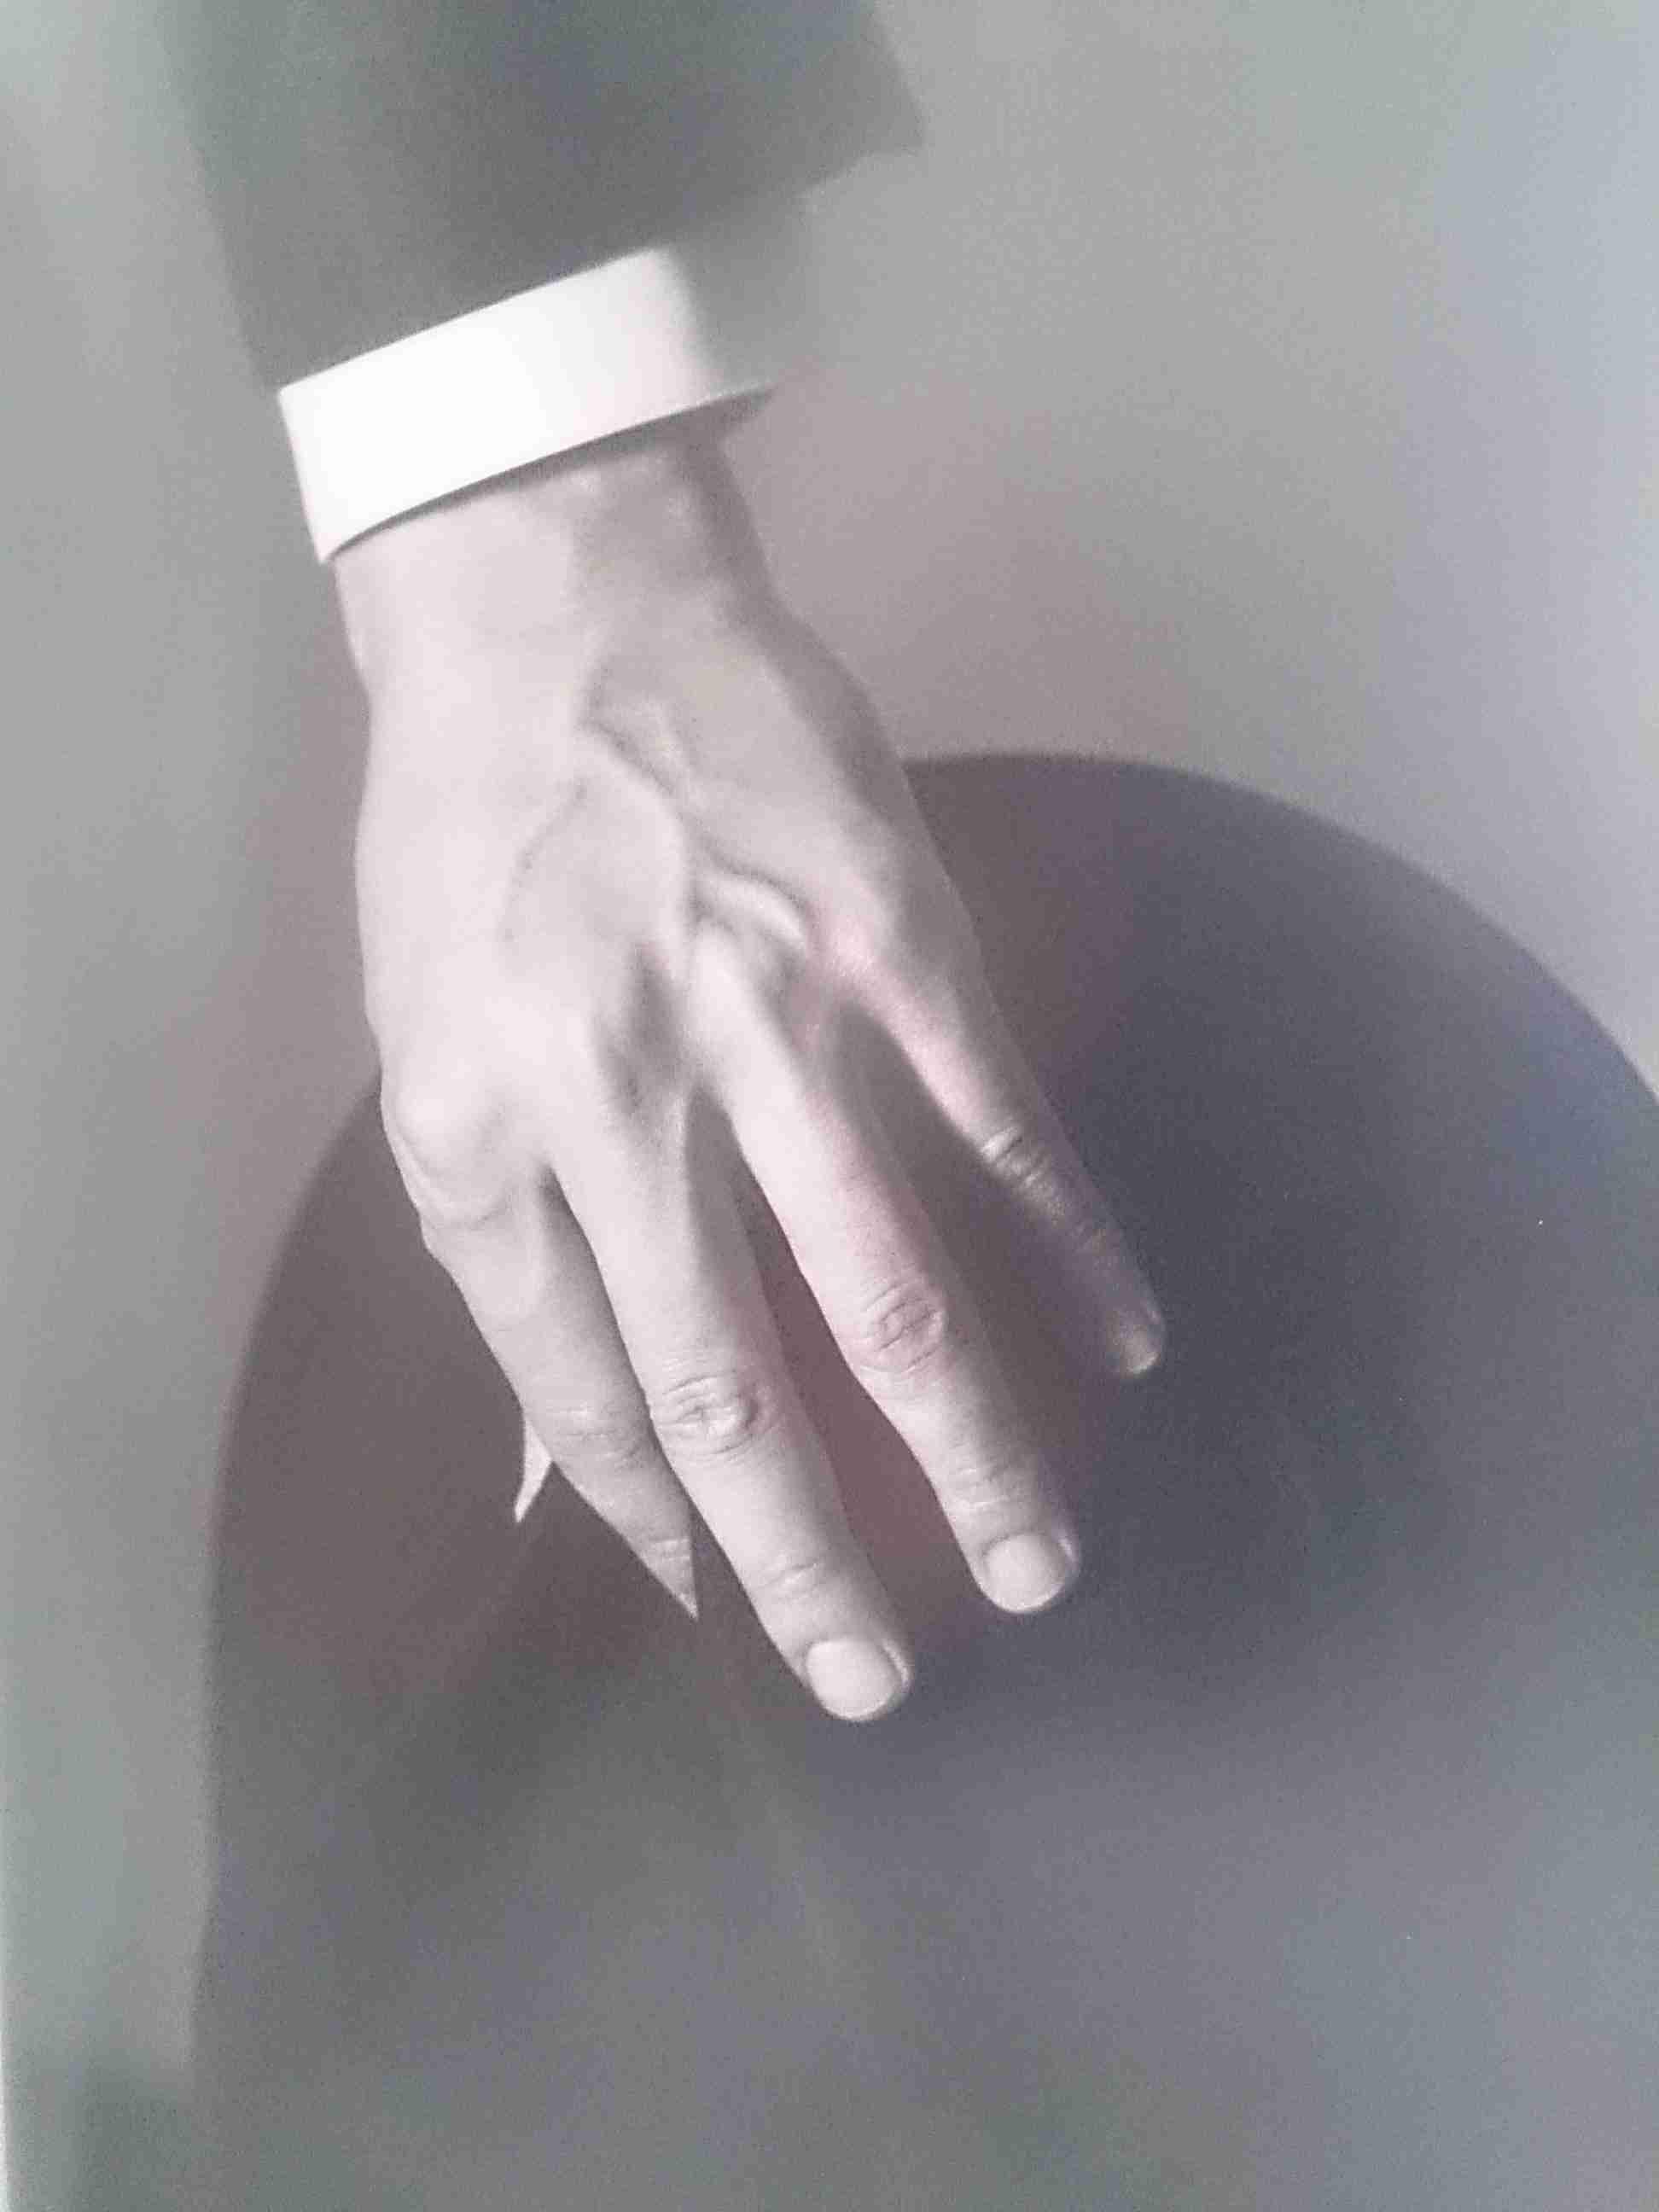 男を感じる体のパーツ【画像】